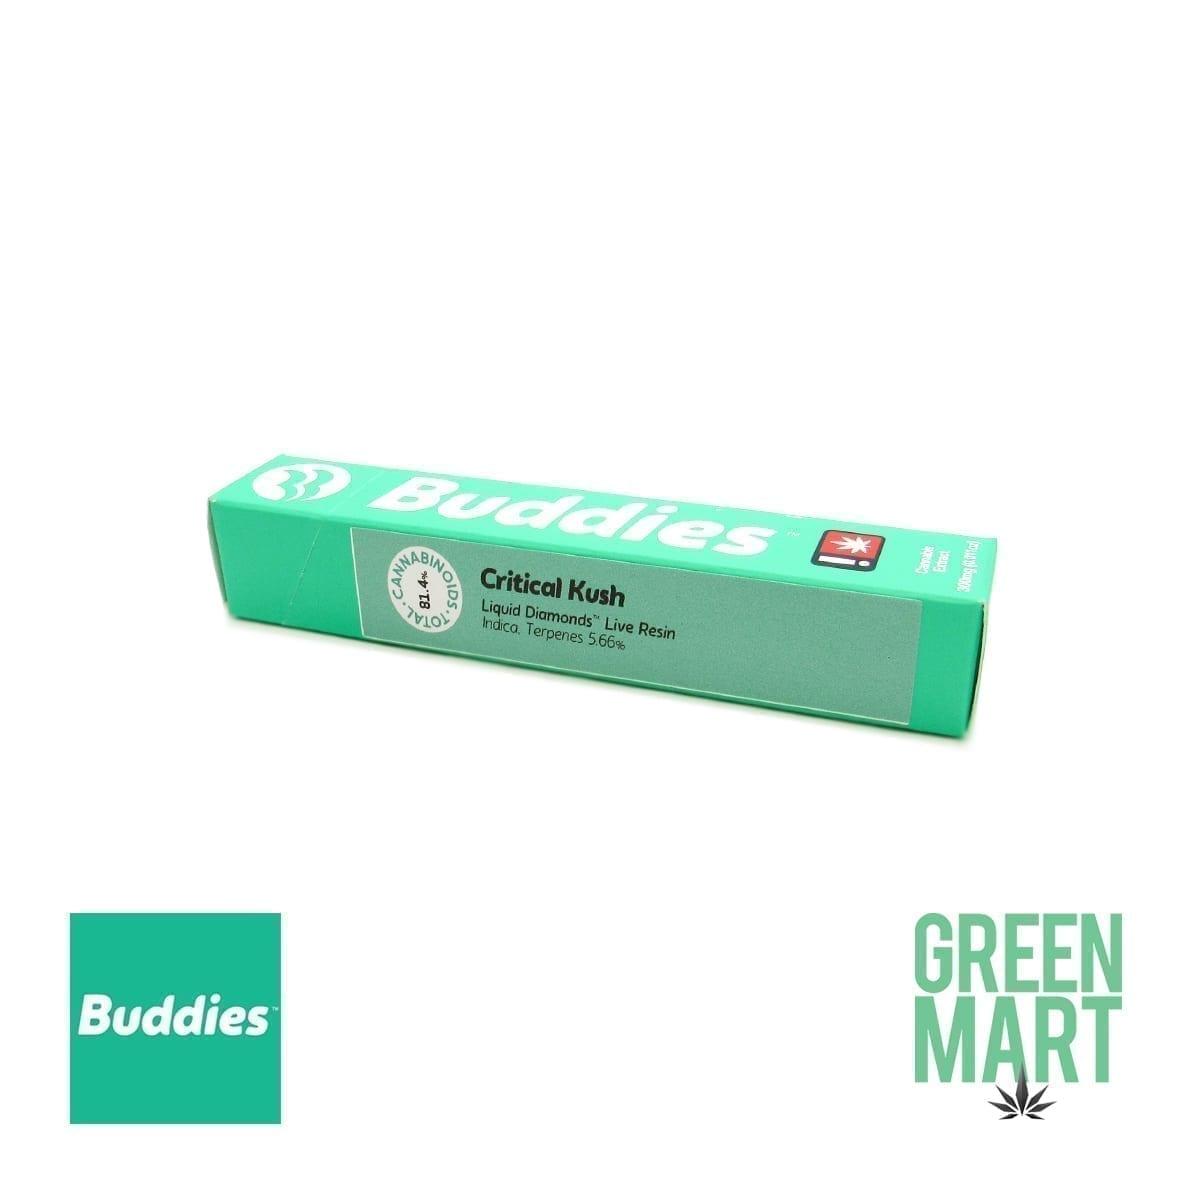 Buddies Brand Disposable Vape - Critical Kush